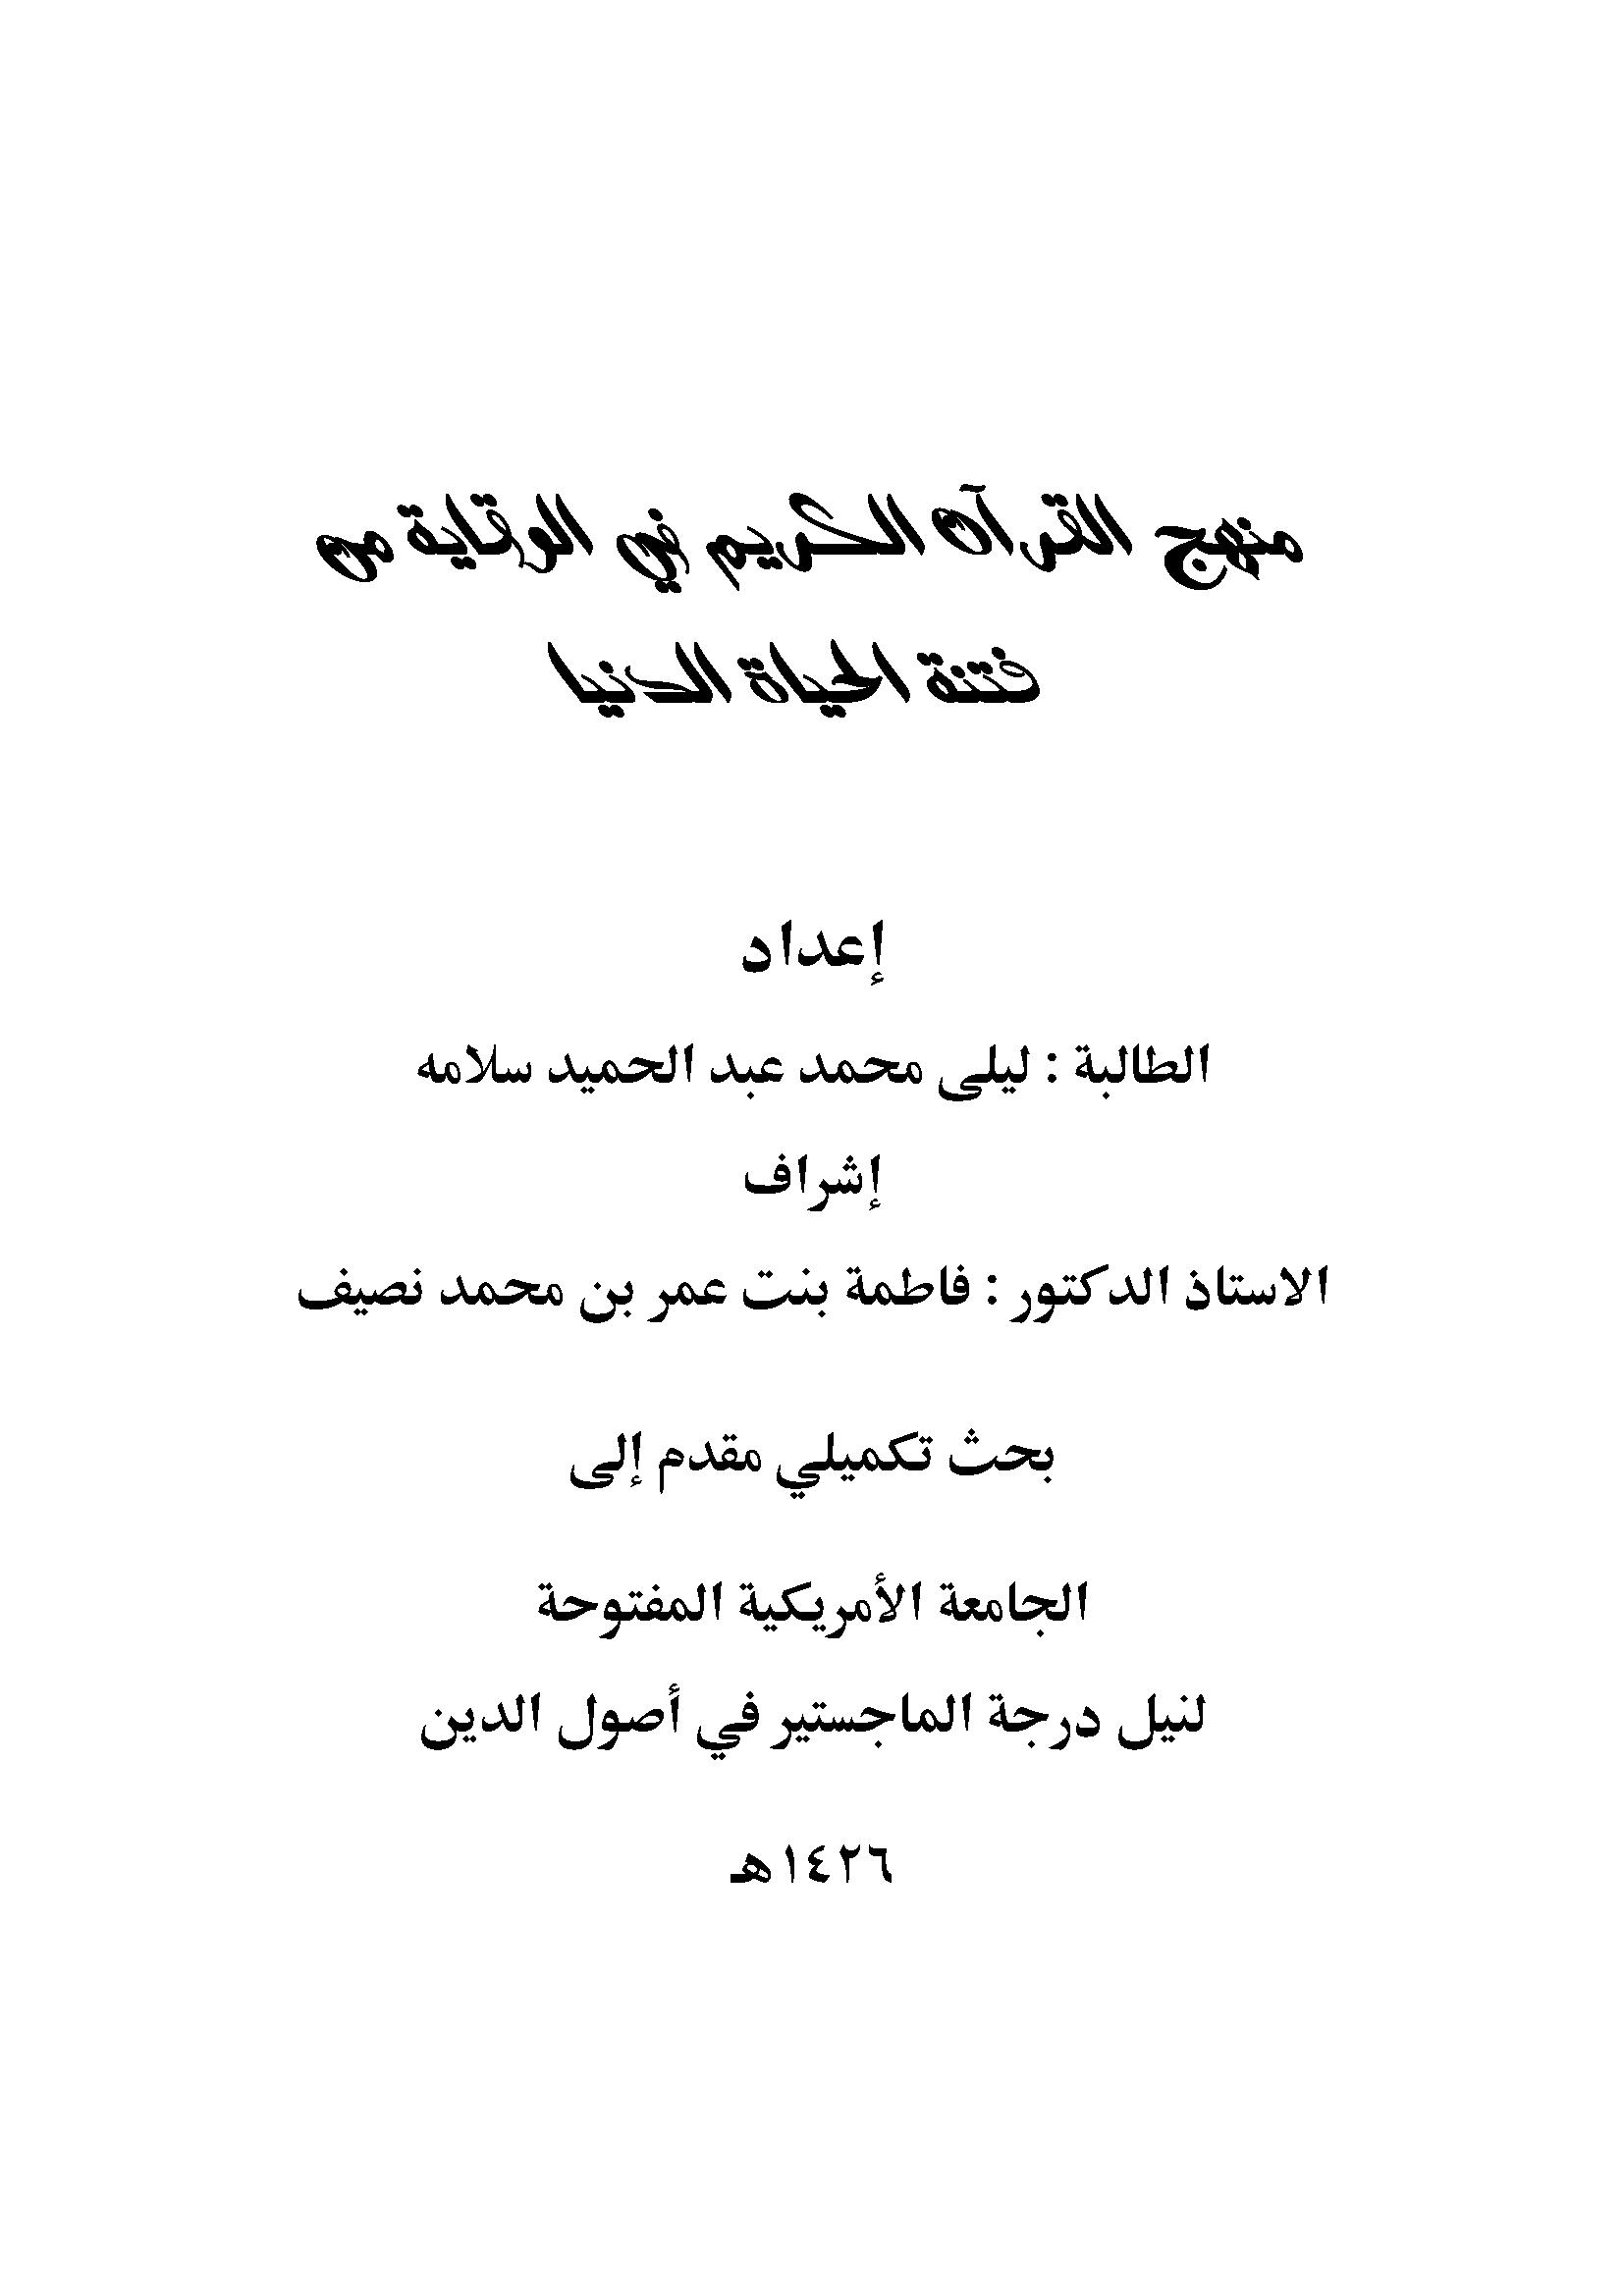 تحميل كتاب منهج القرآن الكريم في الوقاية من فتنة الحياة الدنيا لـِ: ليلى محمد عبد الحميد سلامة